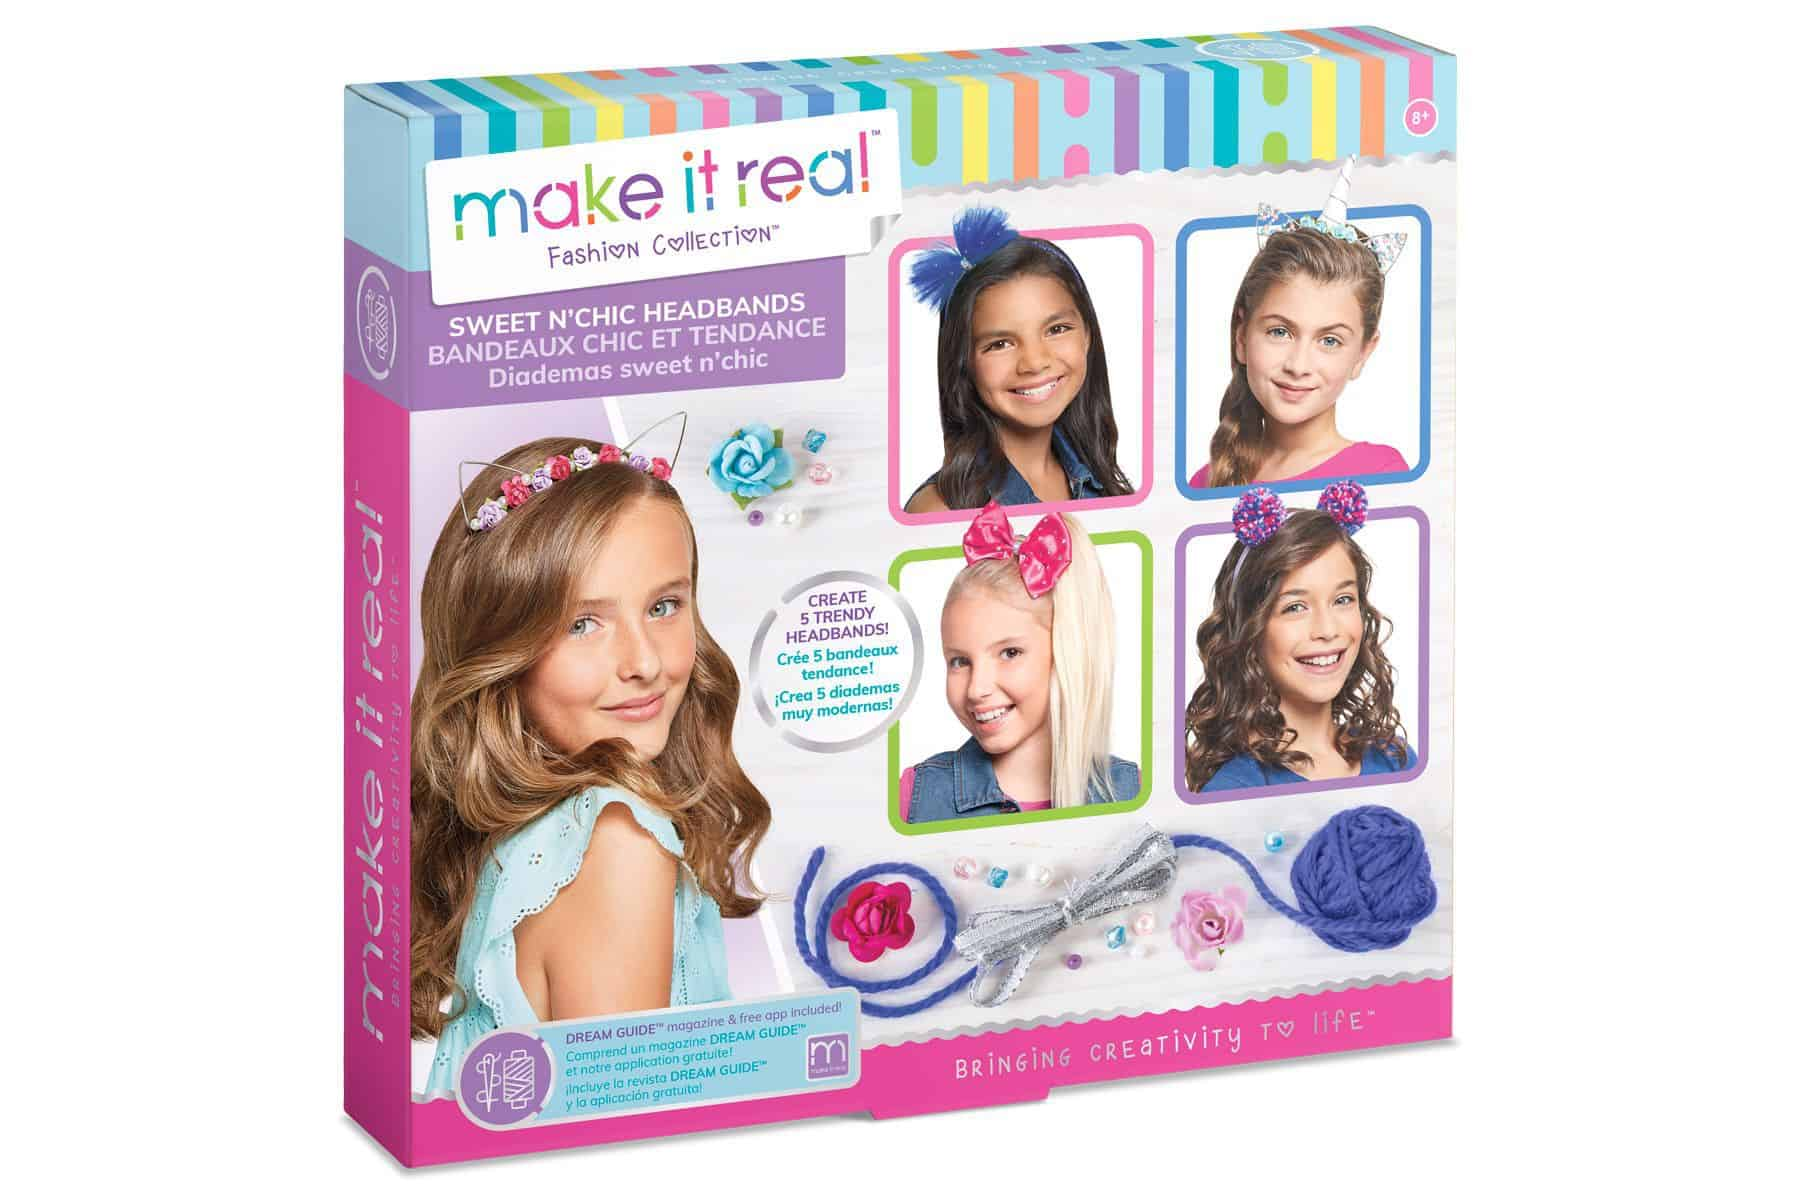 """ערכת יצירה להכנת קשתות לשיער מבית Make It Real ארה""""ב"""